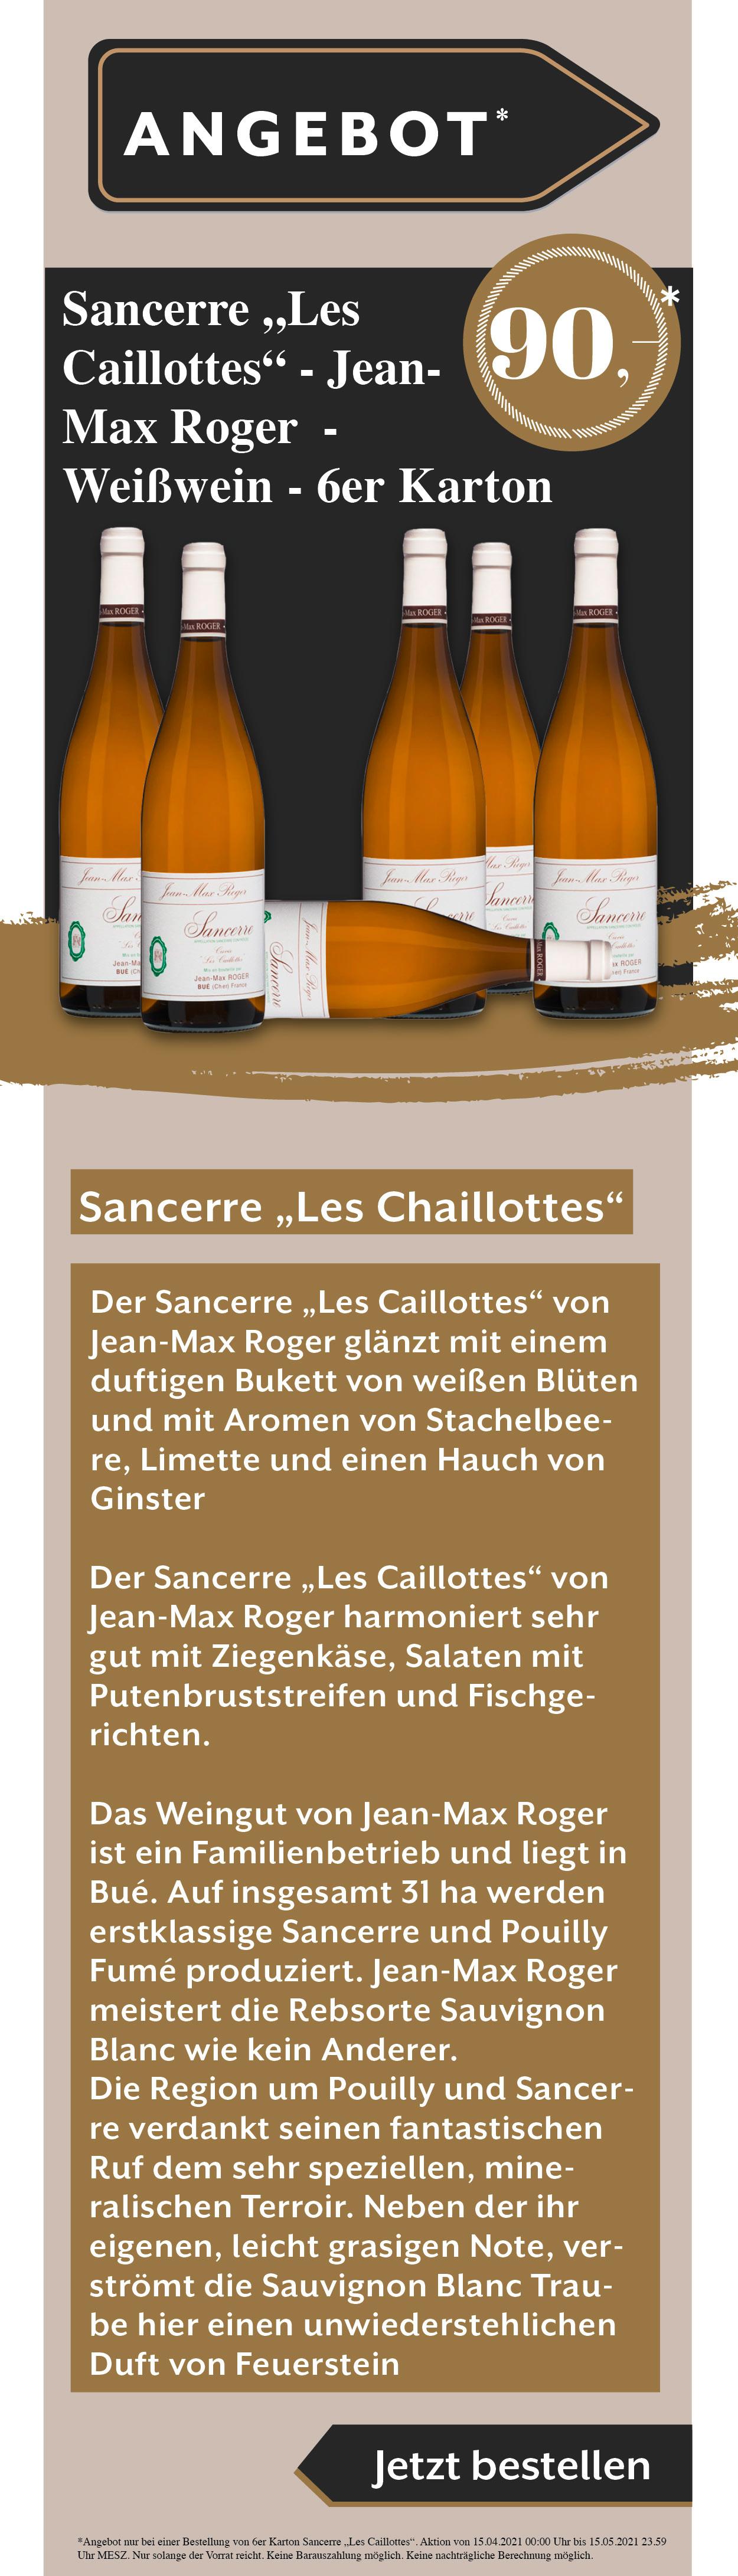 Wein Sancerre Angebot Rabatt Weißwein Rotwein Rose Jean Max Roger Osterangebot Ostern